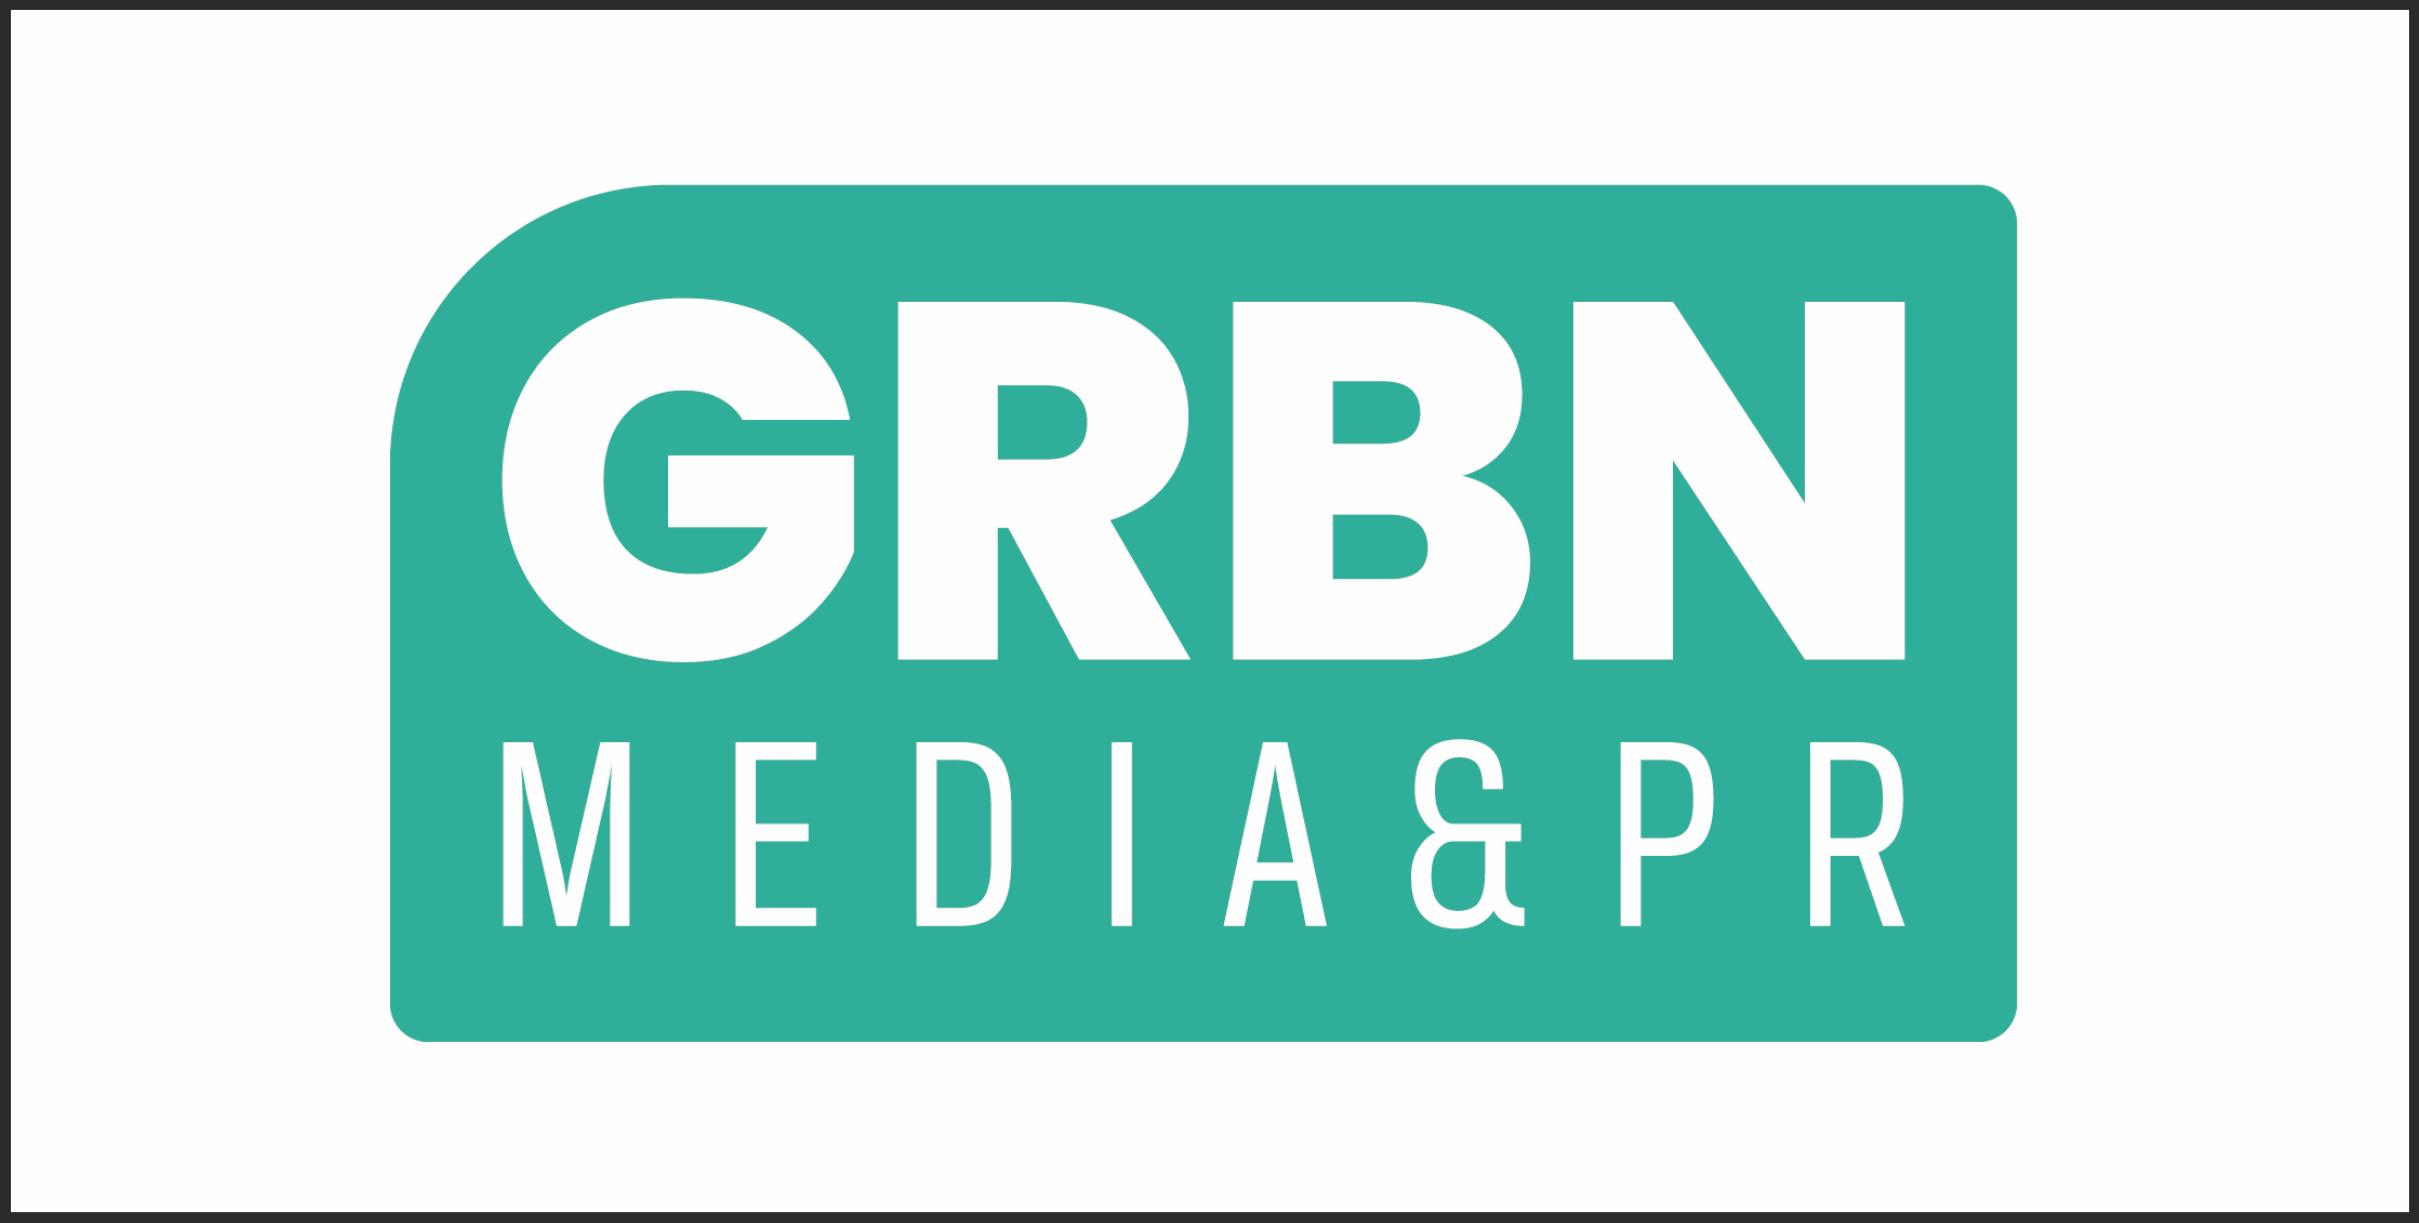 Grbn Media & Pr